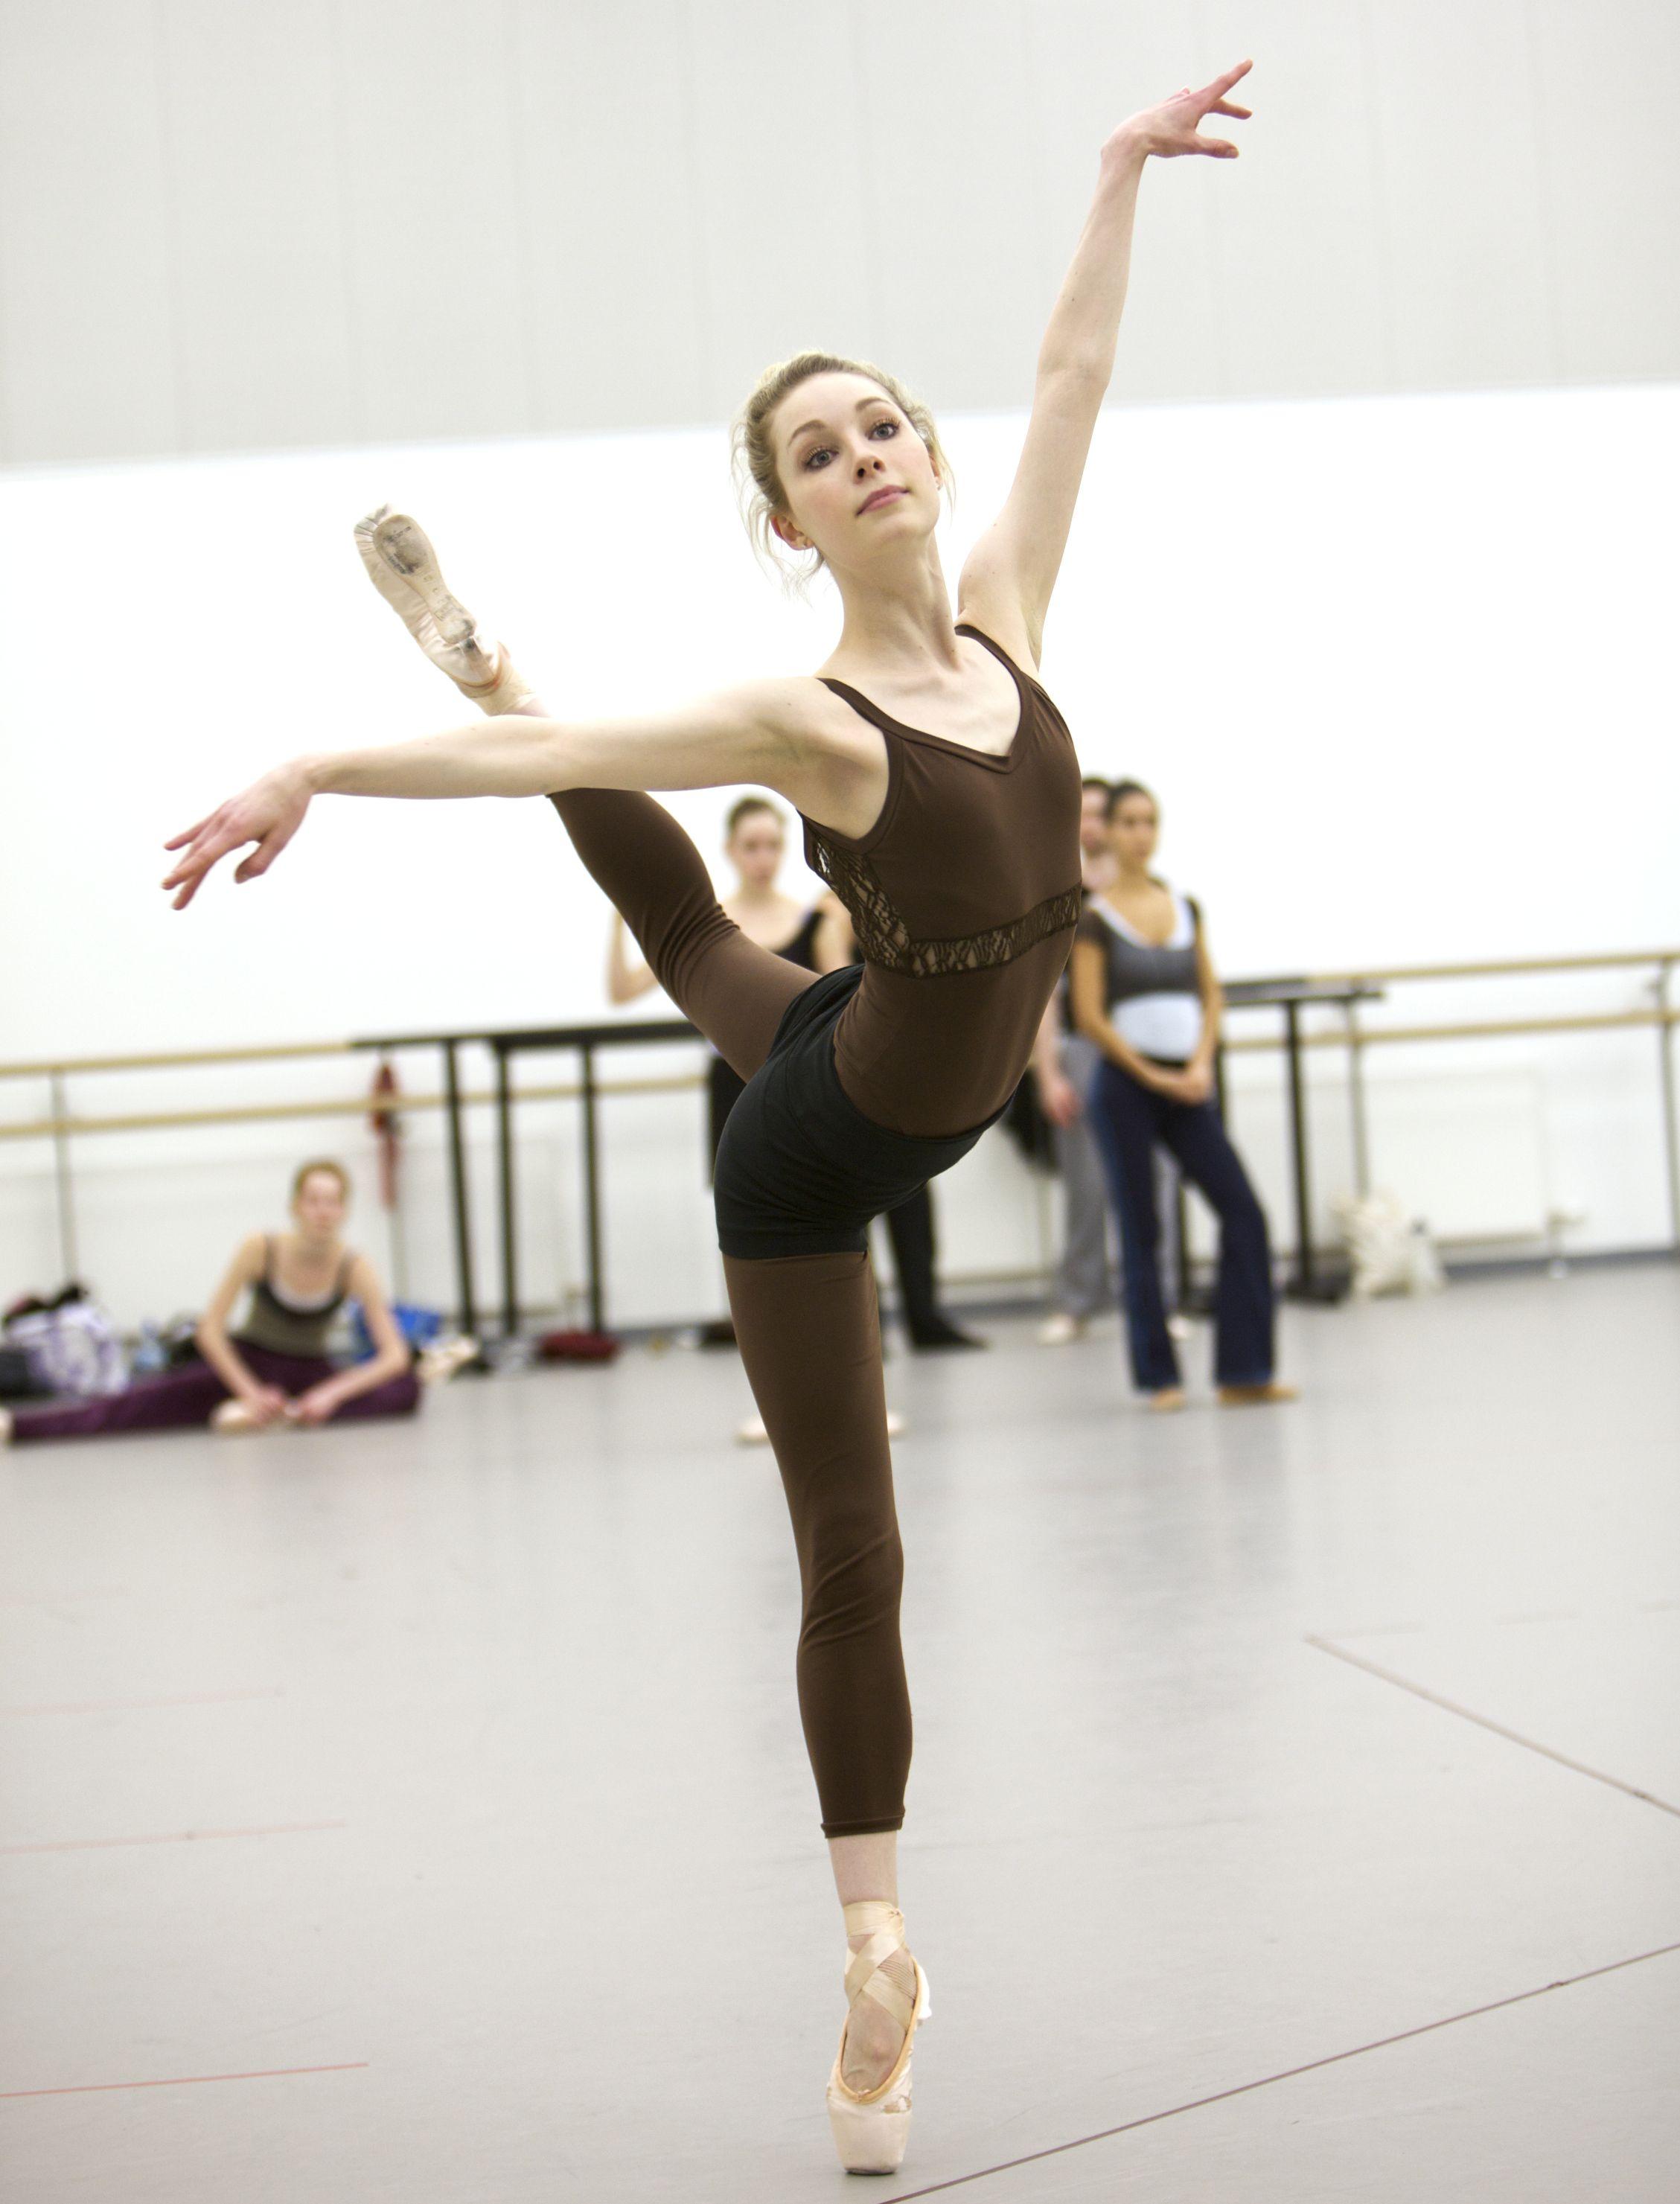 Балерины фото без одежды